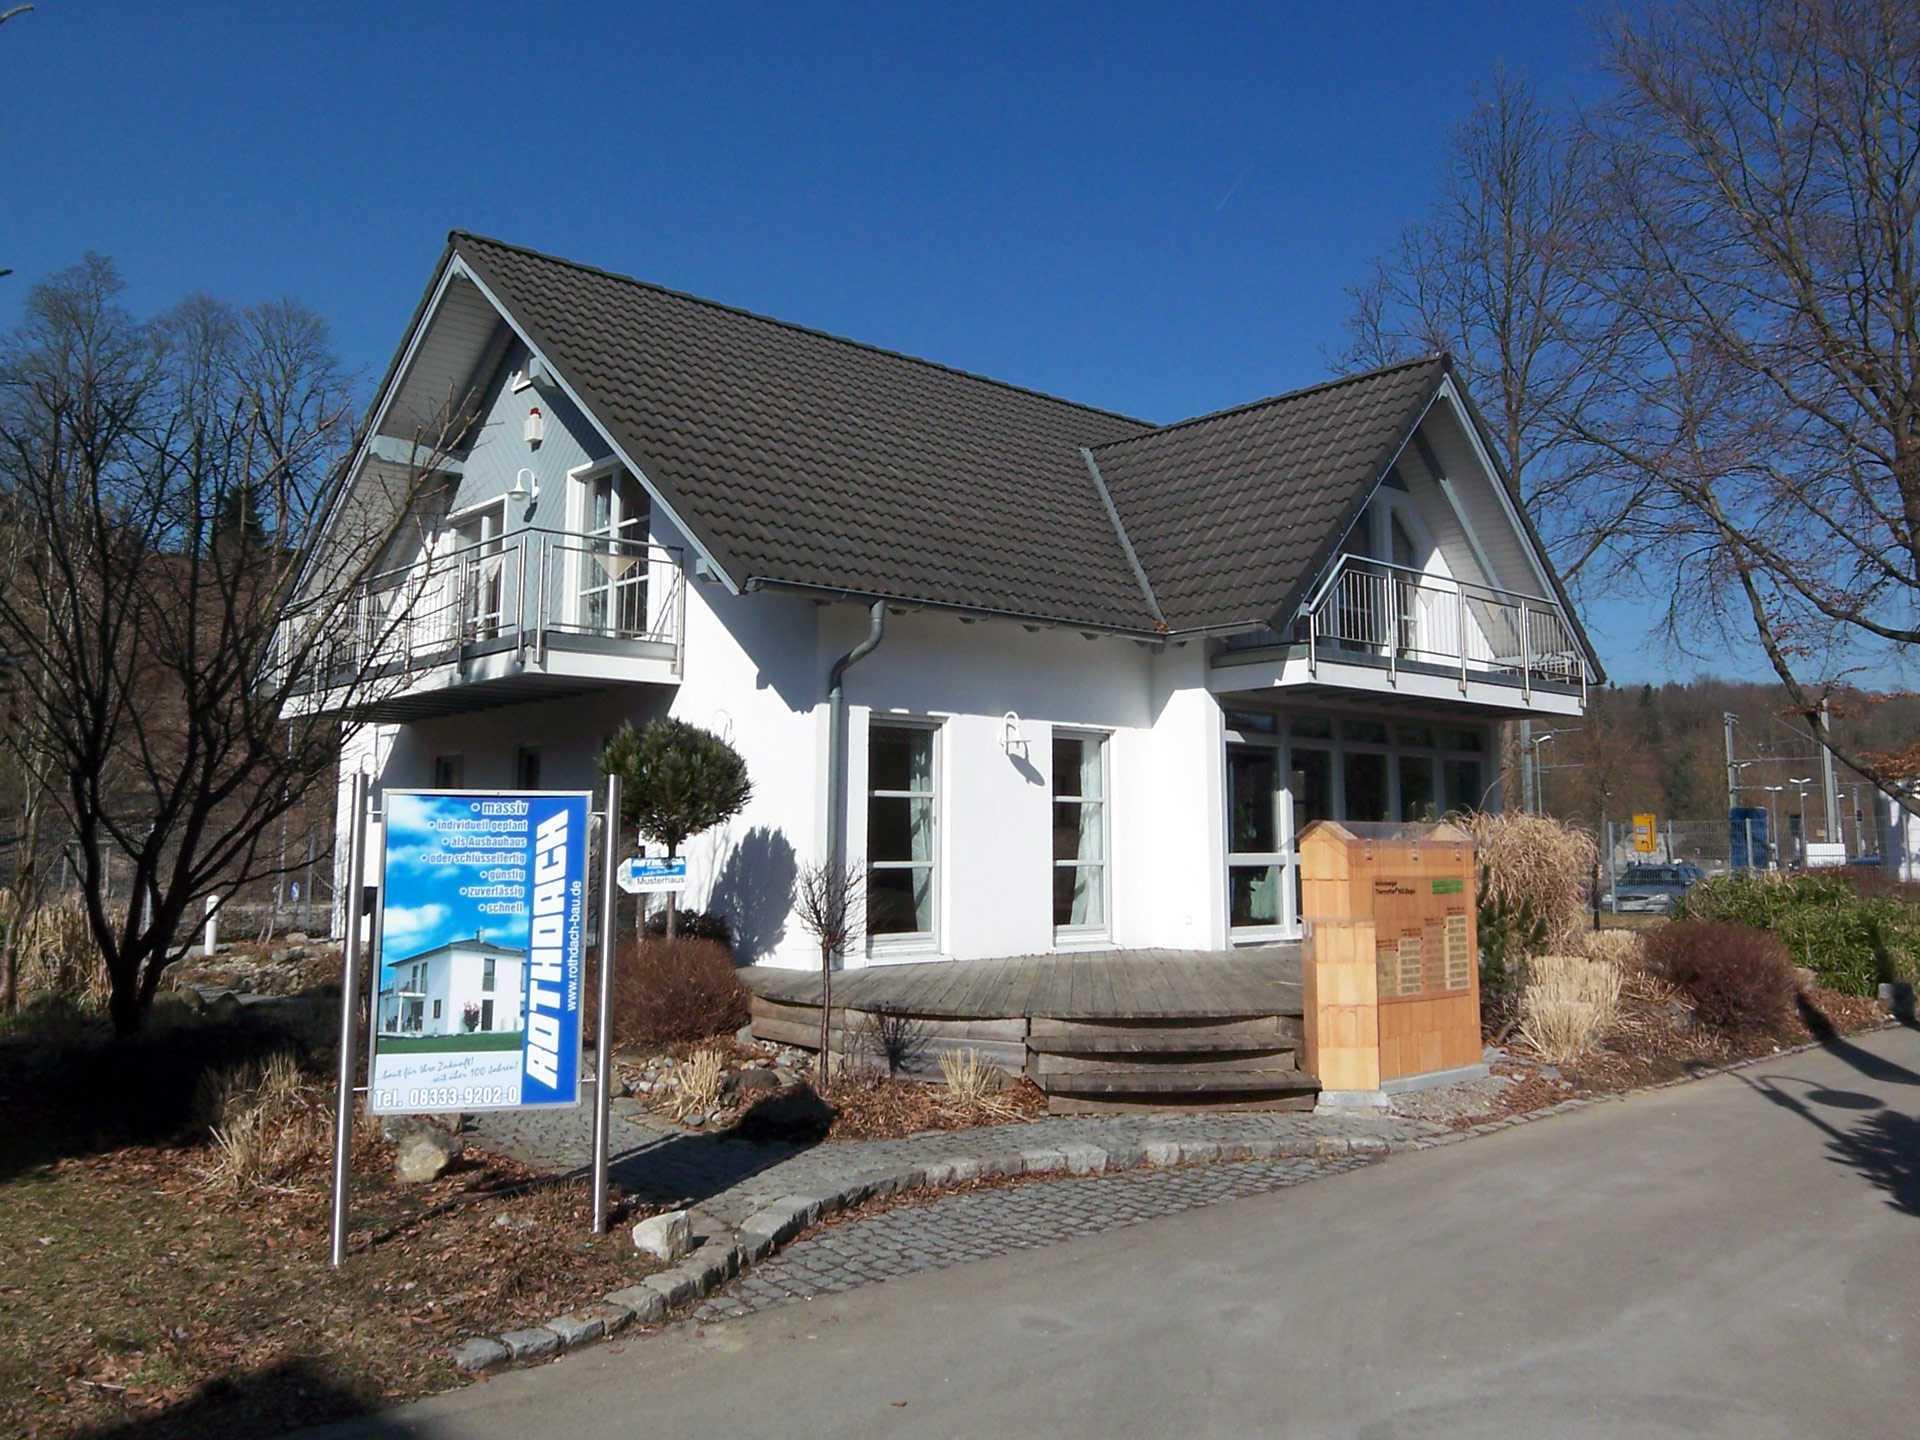 Hausbau Center Ulm des BDF e.V